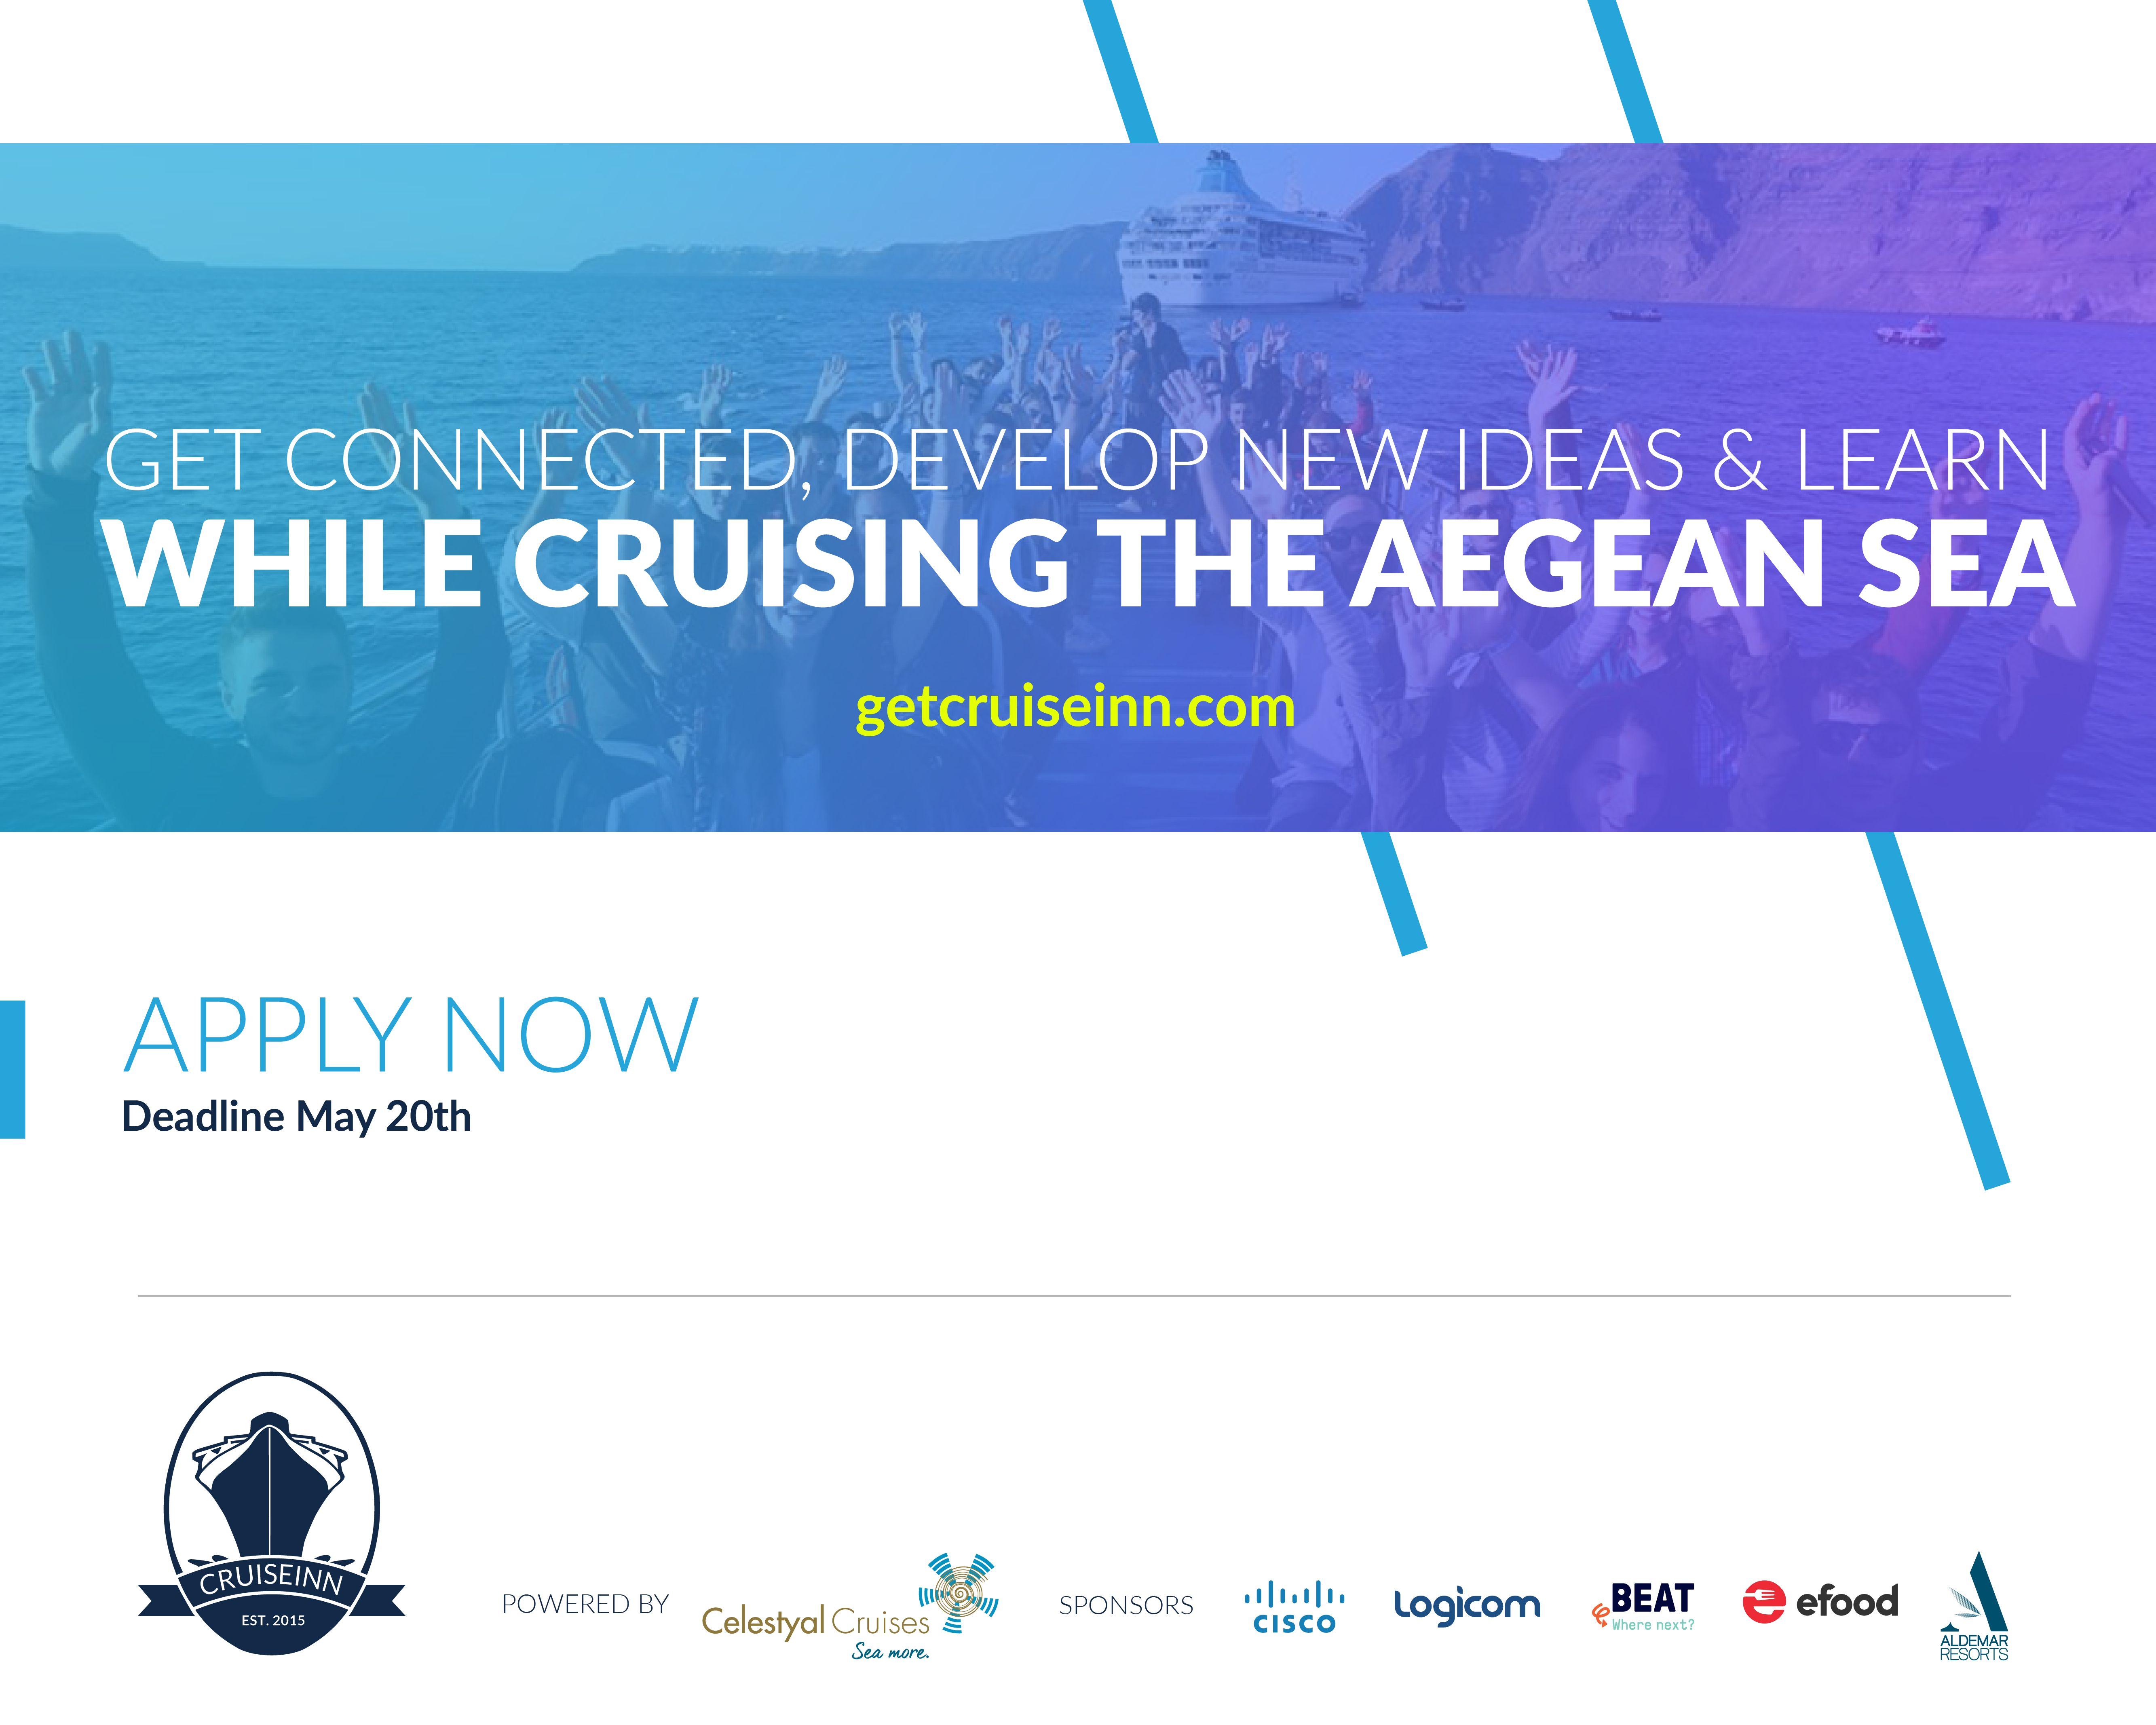 CruiseInn: Εκπαιδεύσου, Δικτυώσου και Ανέπτυξε την επιχείρησή σου ταξιδεύοντας στο Αιγαίο με τη Celestyal